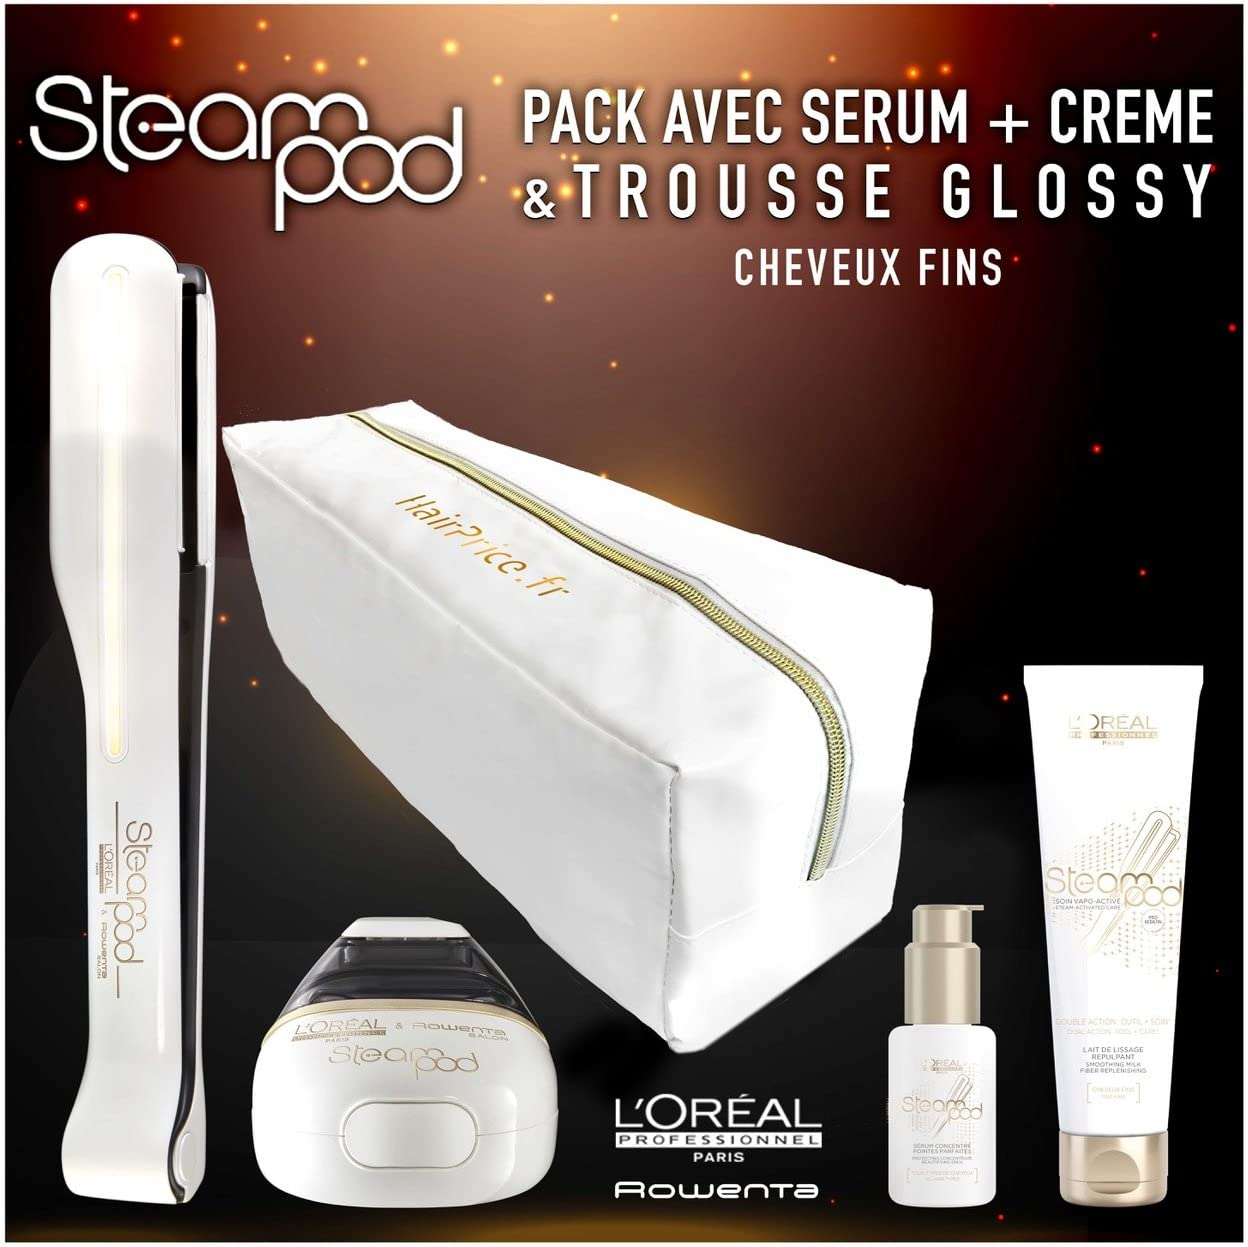 L'Oreal - Pack de plancha de vapor para el pelo Steampod 2.0 con sérum, leche alisadora para cabello fino y neceser de almacenamiento brillante